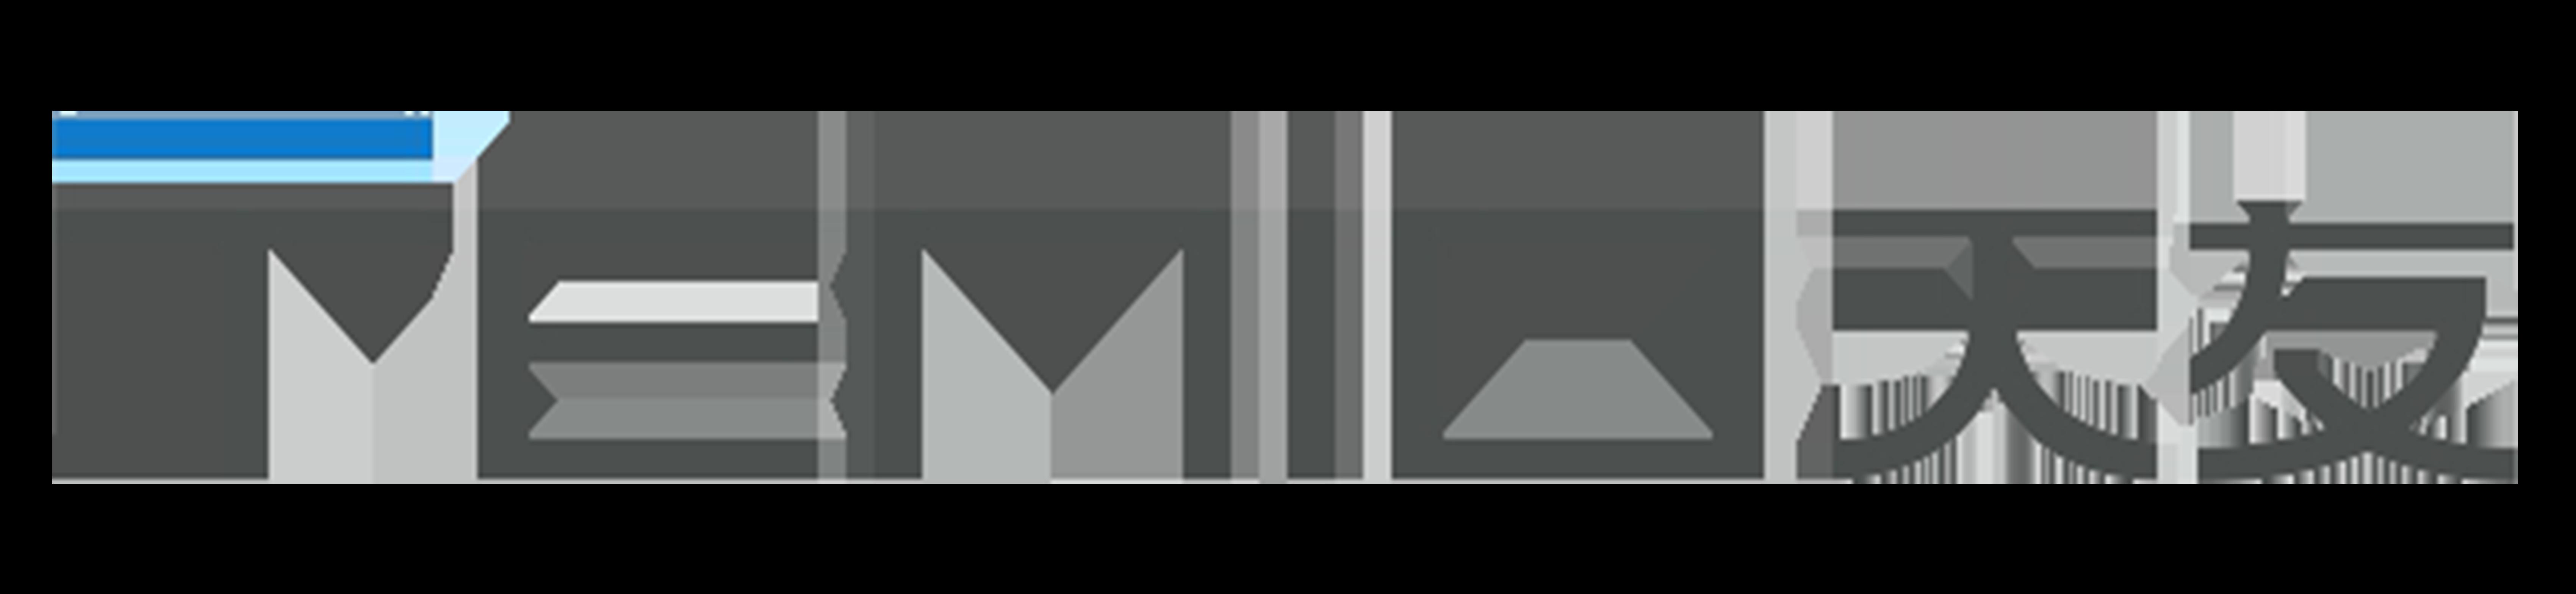 雷火电竞app最新版下载集团 - 绿色建筑 TENIO雷火电竞app最新版下载 | 聚焦绿色建筑与中国新城镇